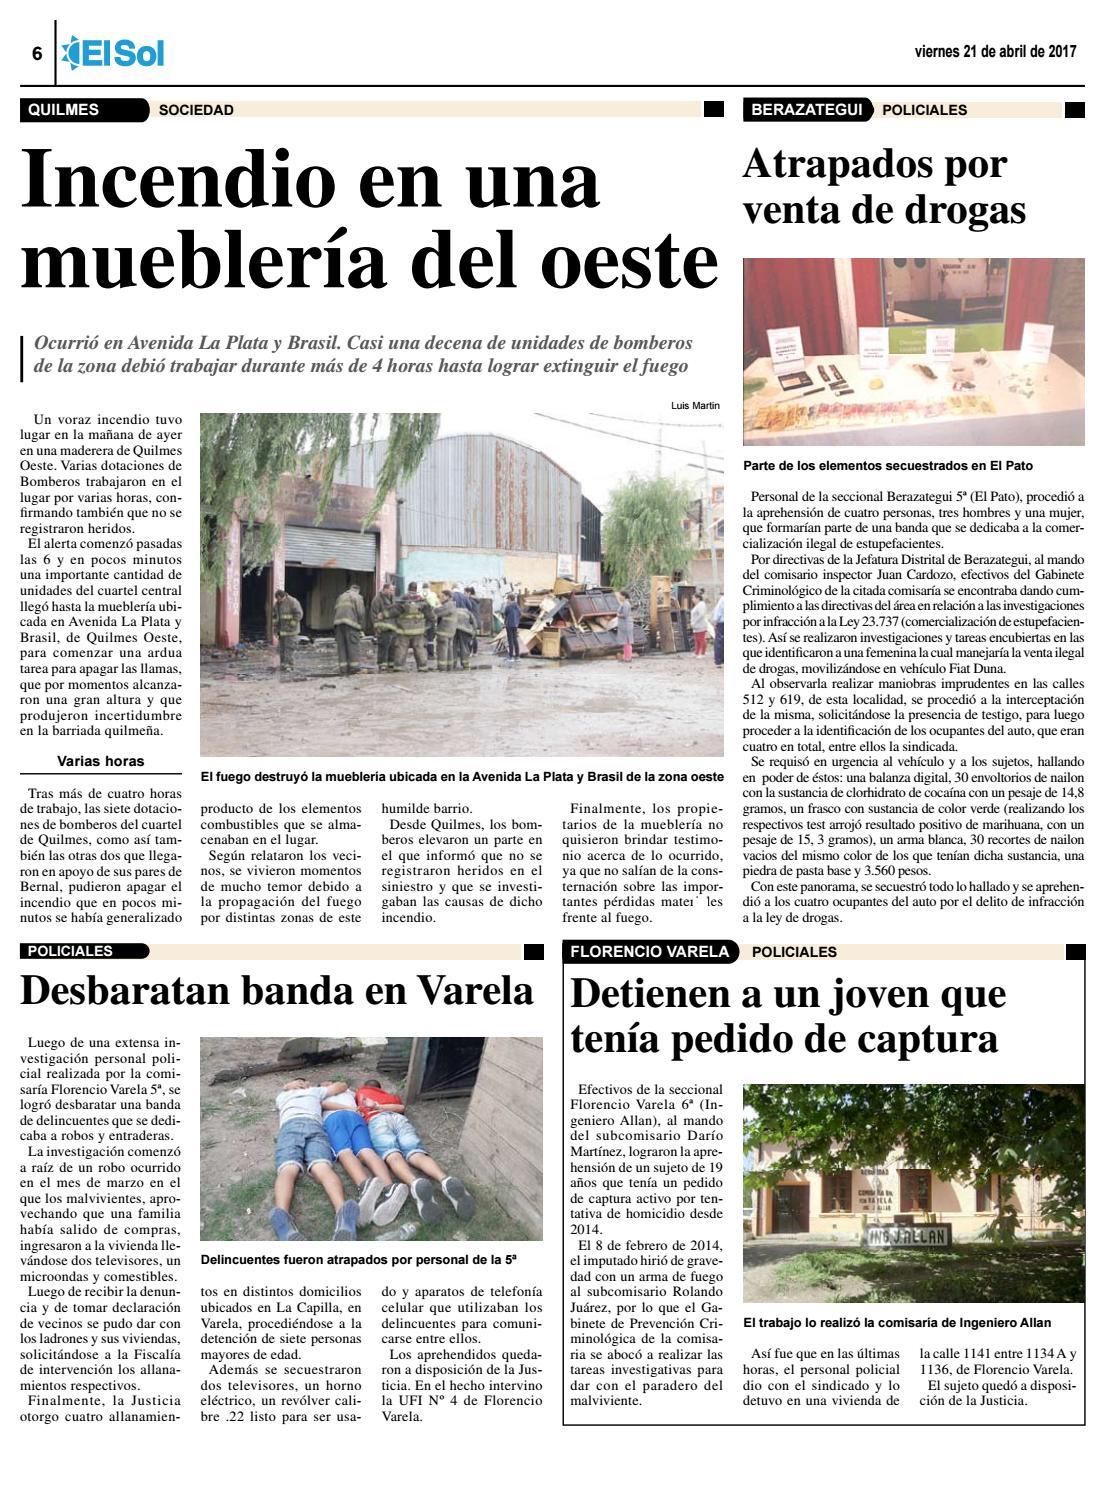 Diario el sol 21 04 2017 by el sol urbana page 6 issuu for Mueblerias en la plata